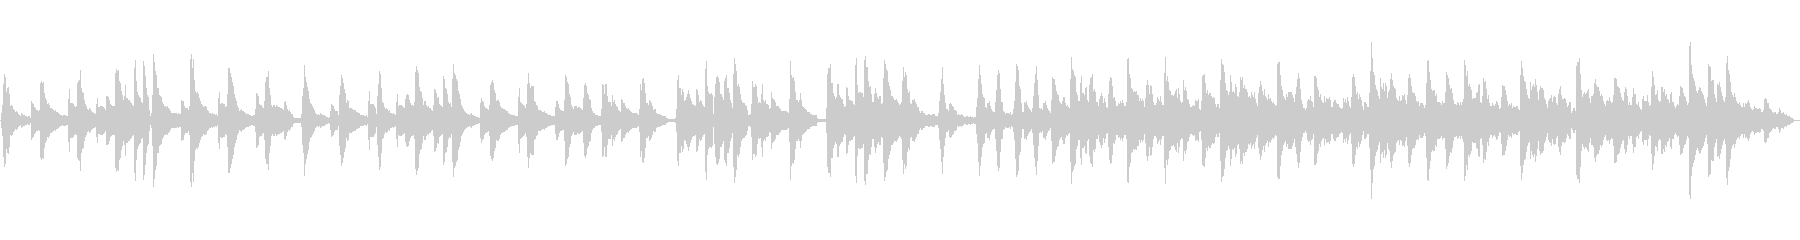 琴、ストリングス、ハープ使用和風曲、正月の未再生の波形